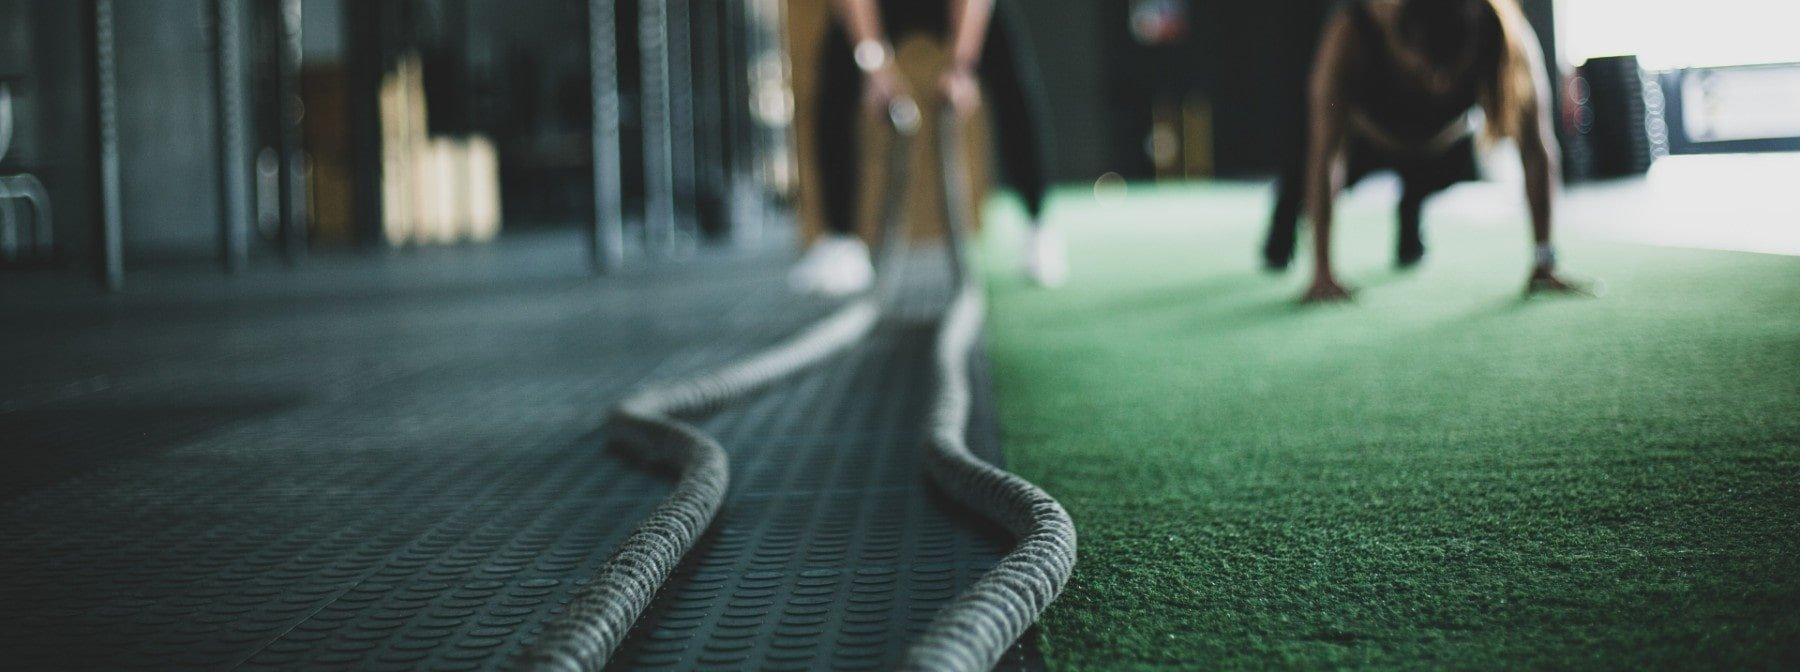 Dezvoltă masa musculară și slăbește în același timp